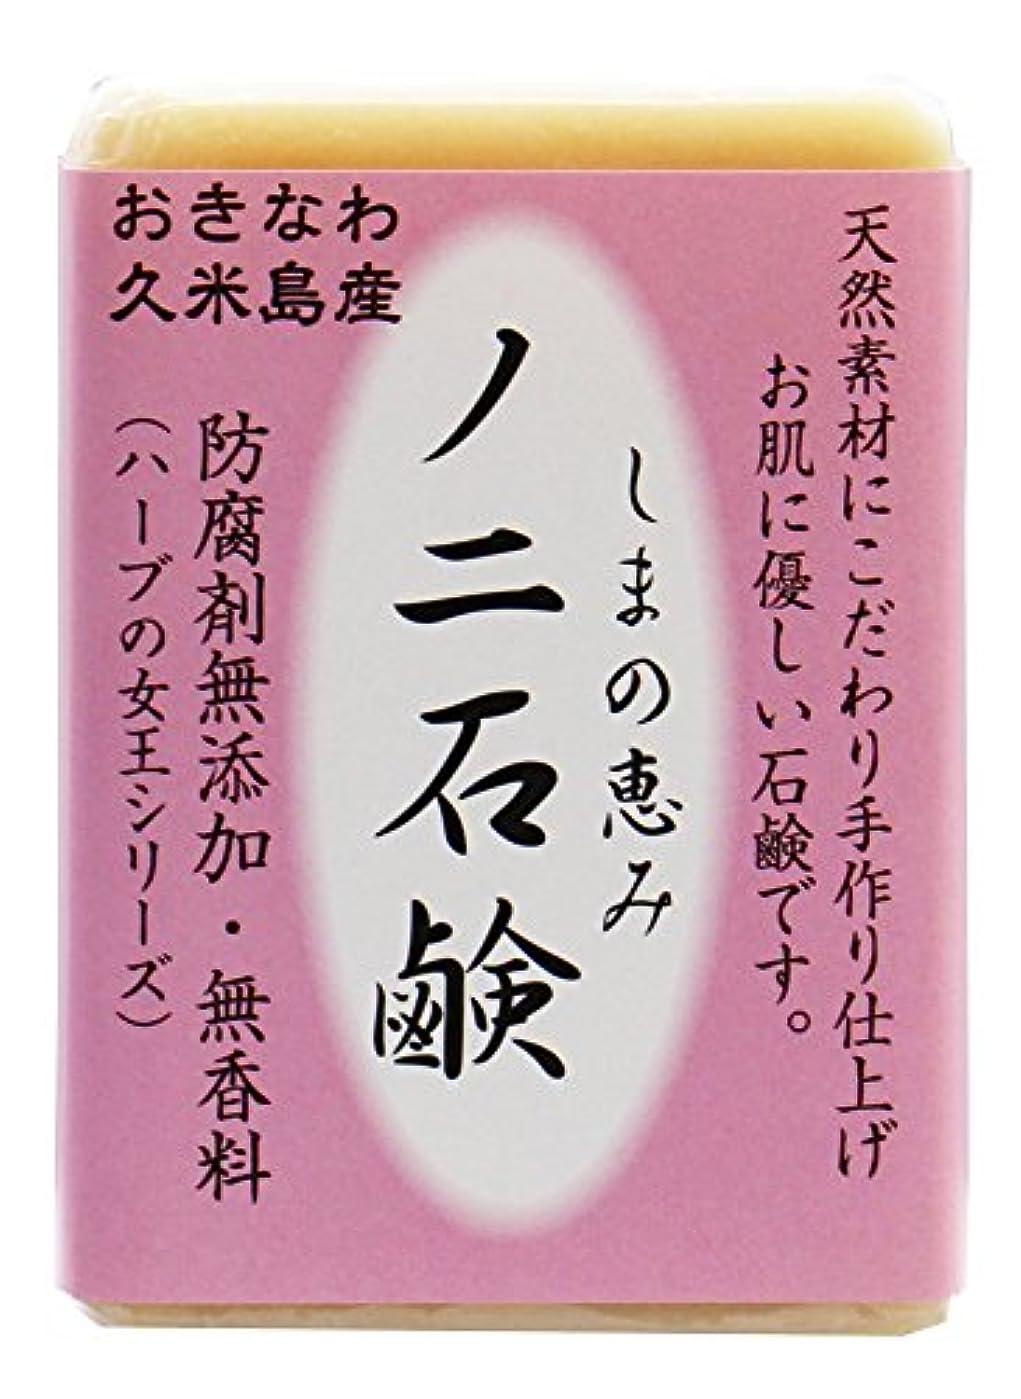 四面体めんどり鷹島の恵み ノニ石鹸 100g 沖縄県久米島産ノニ使用